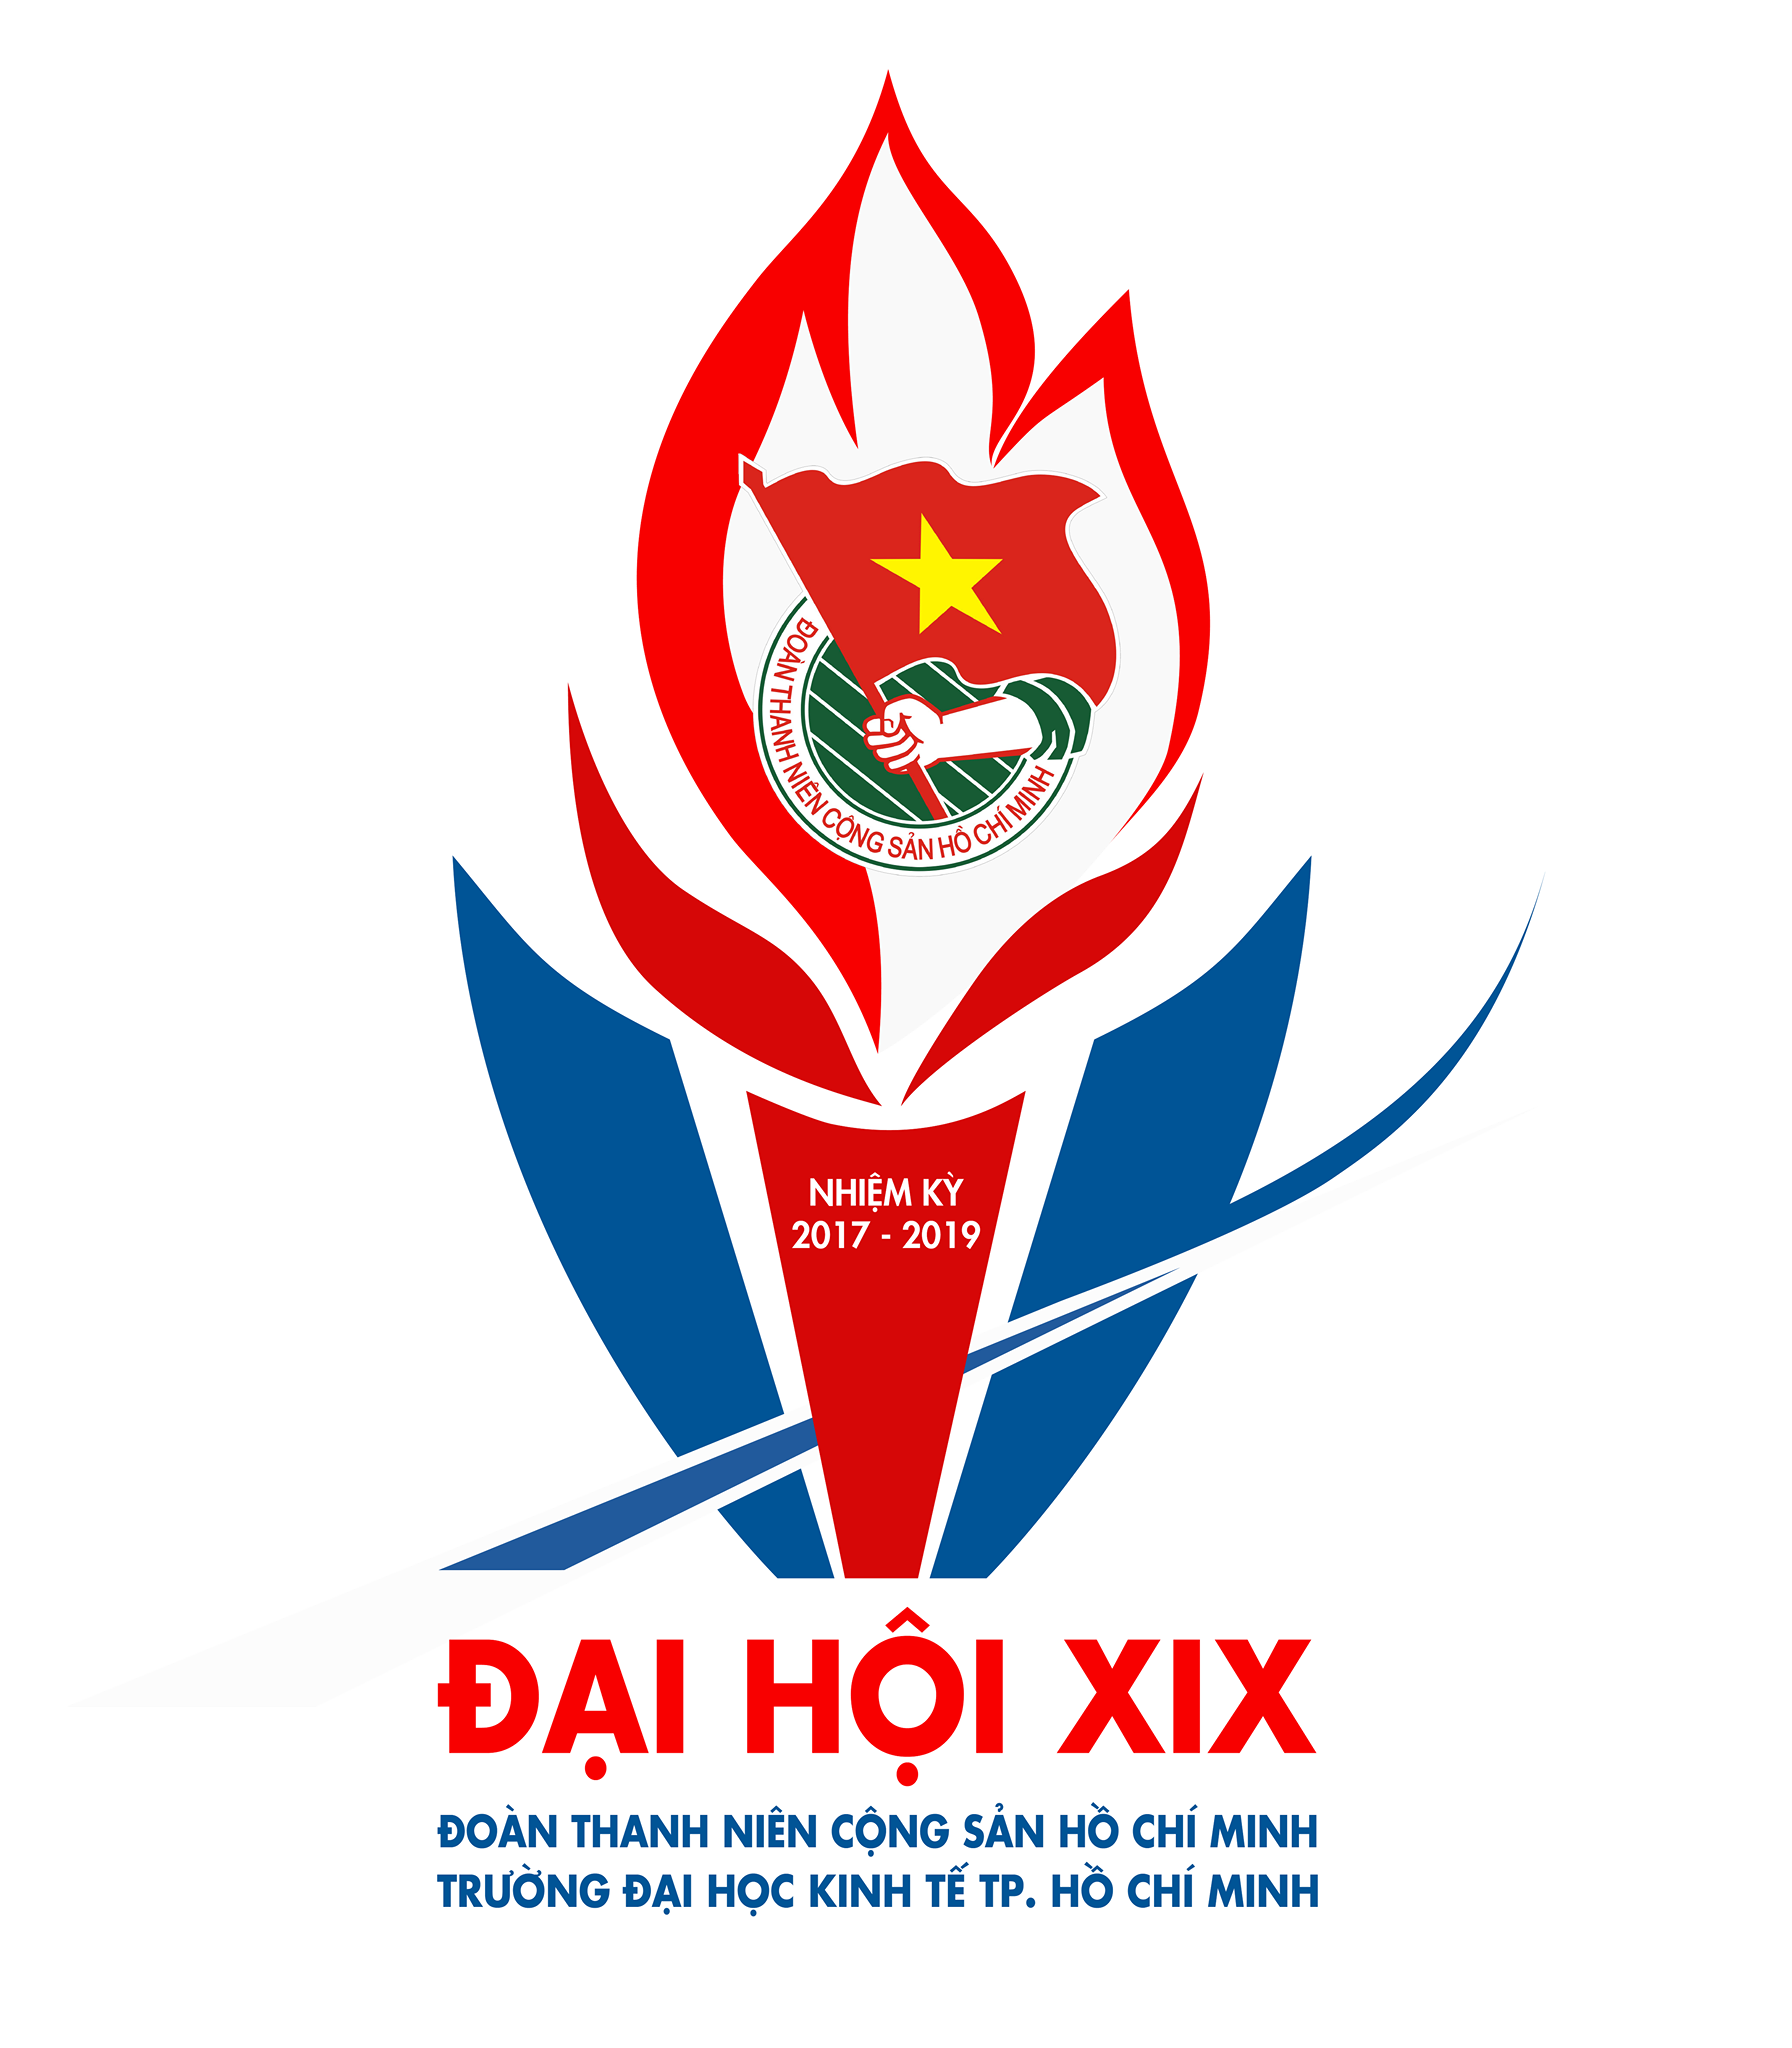 Hình ảnh logo của đoàn thanh niên